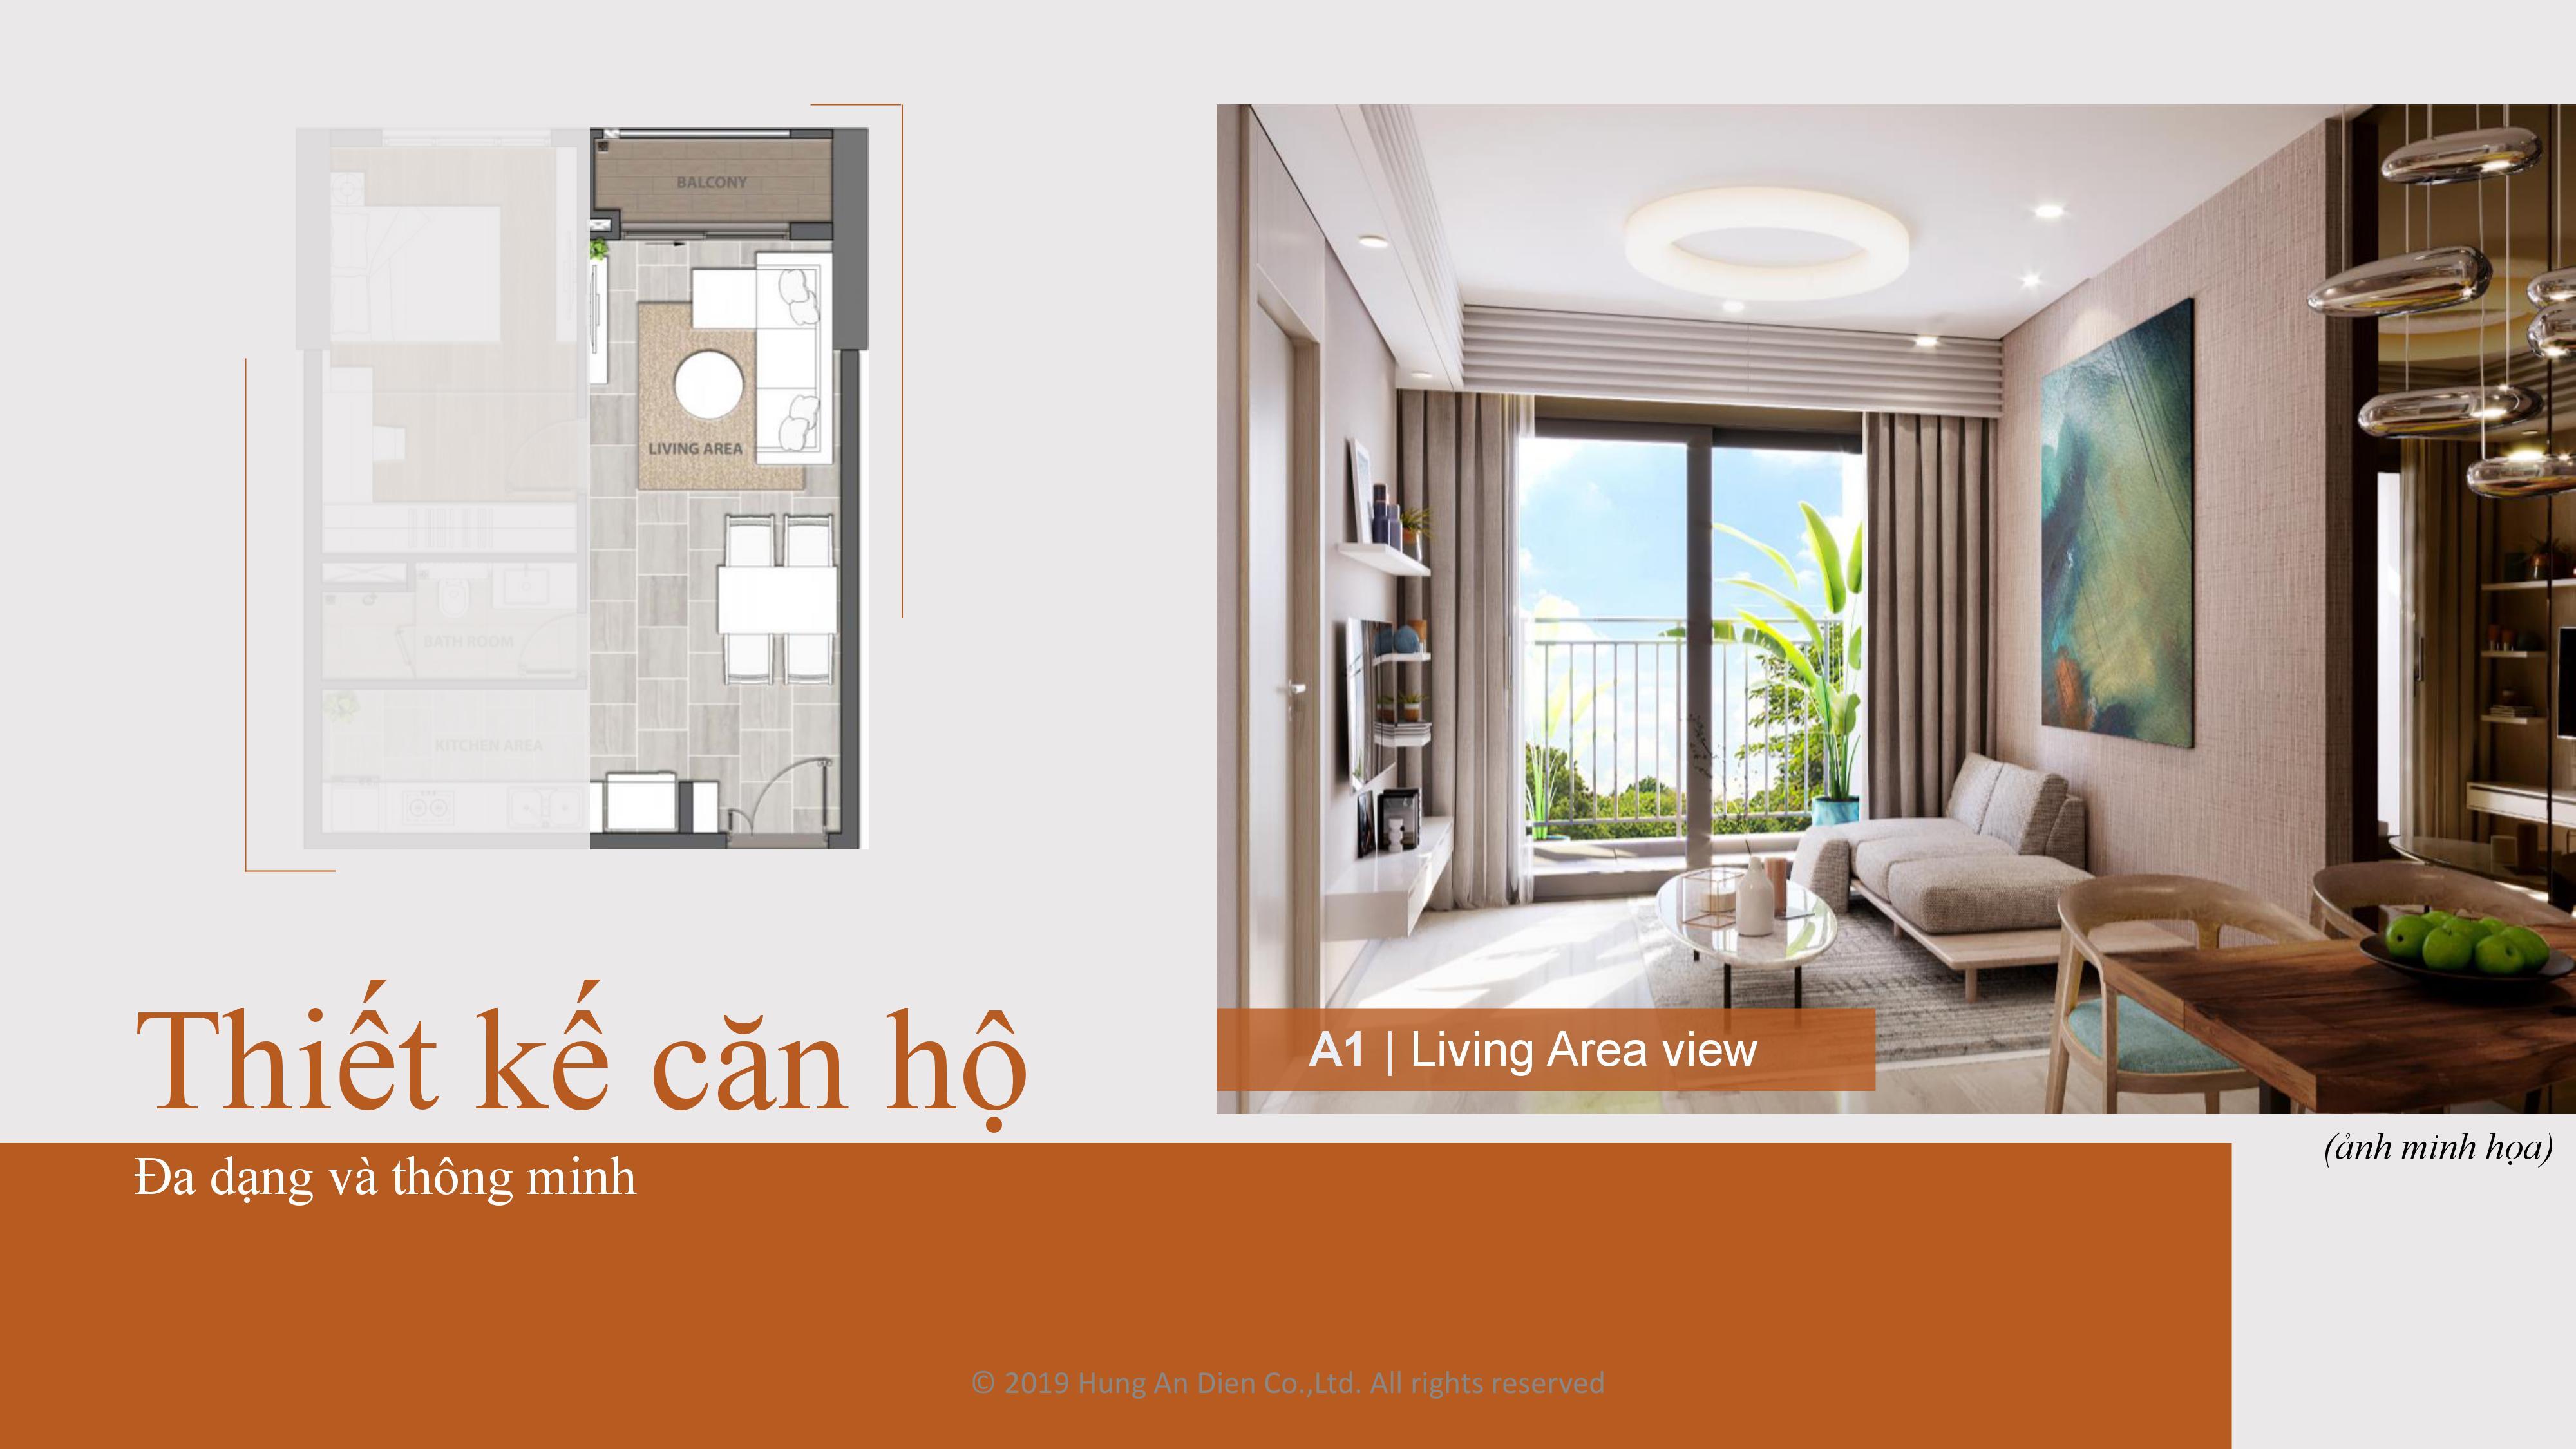 Thiết kế căn hộ Aio City hình 02